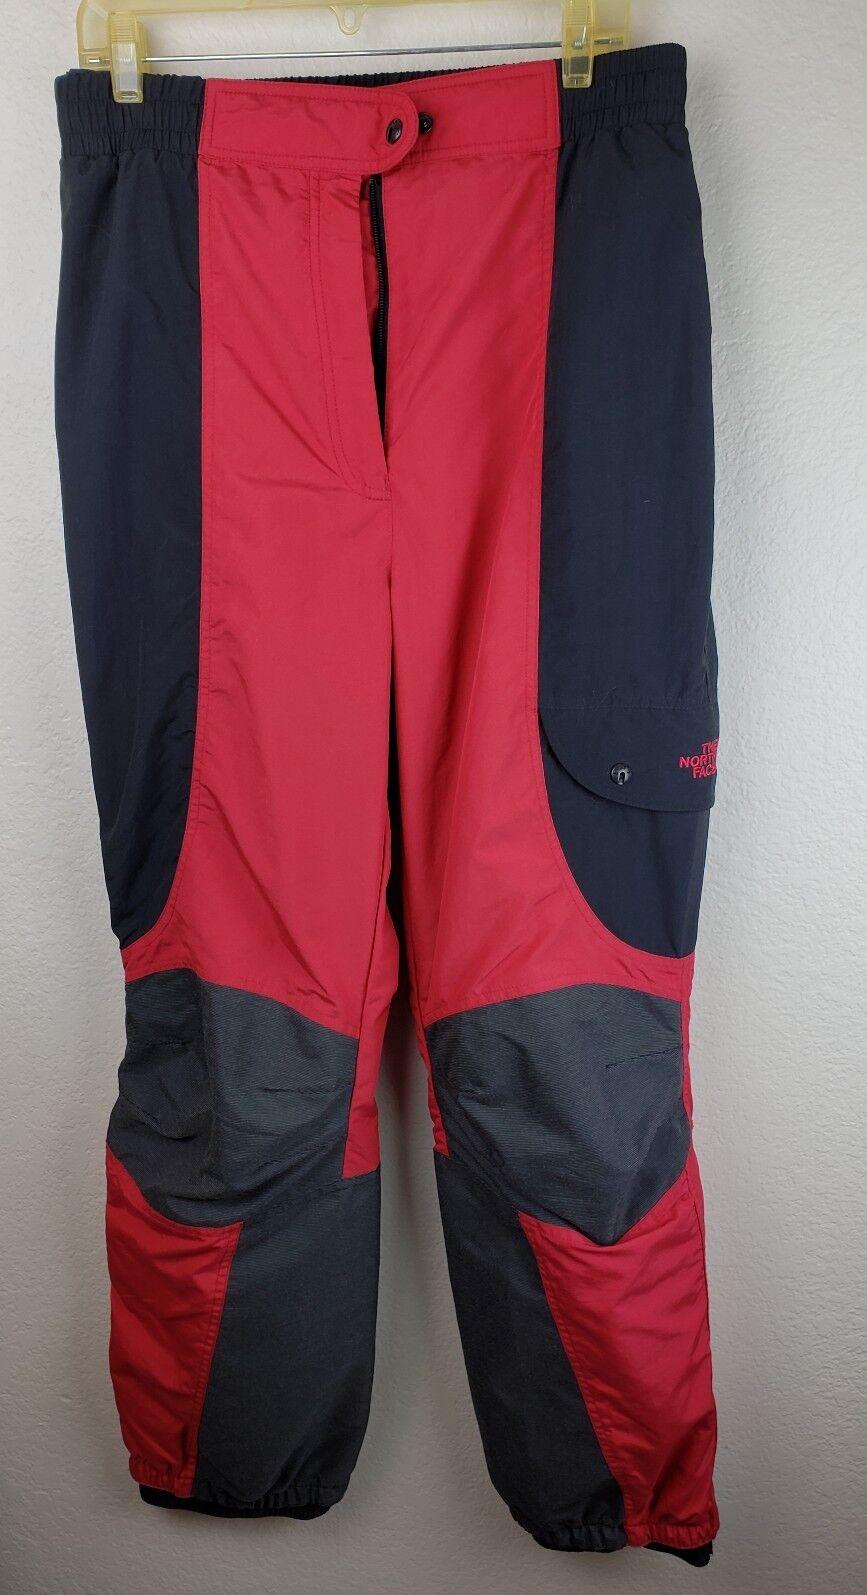 The North Face Pantalones  De Esquí Snowboard Negro Rojo Talla 14 Nailon Poliéster Mujer Dama  barato y de alta calidad